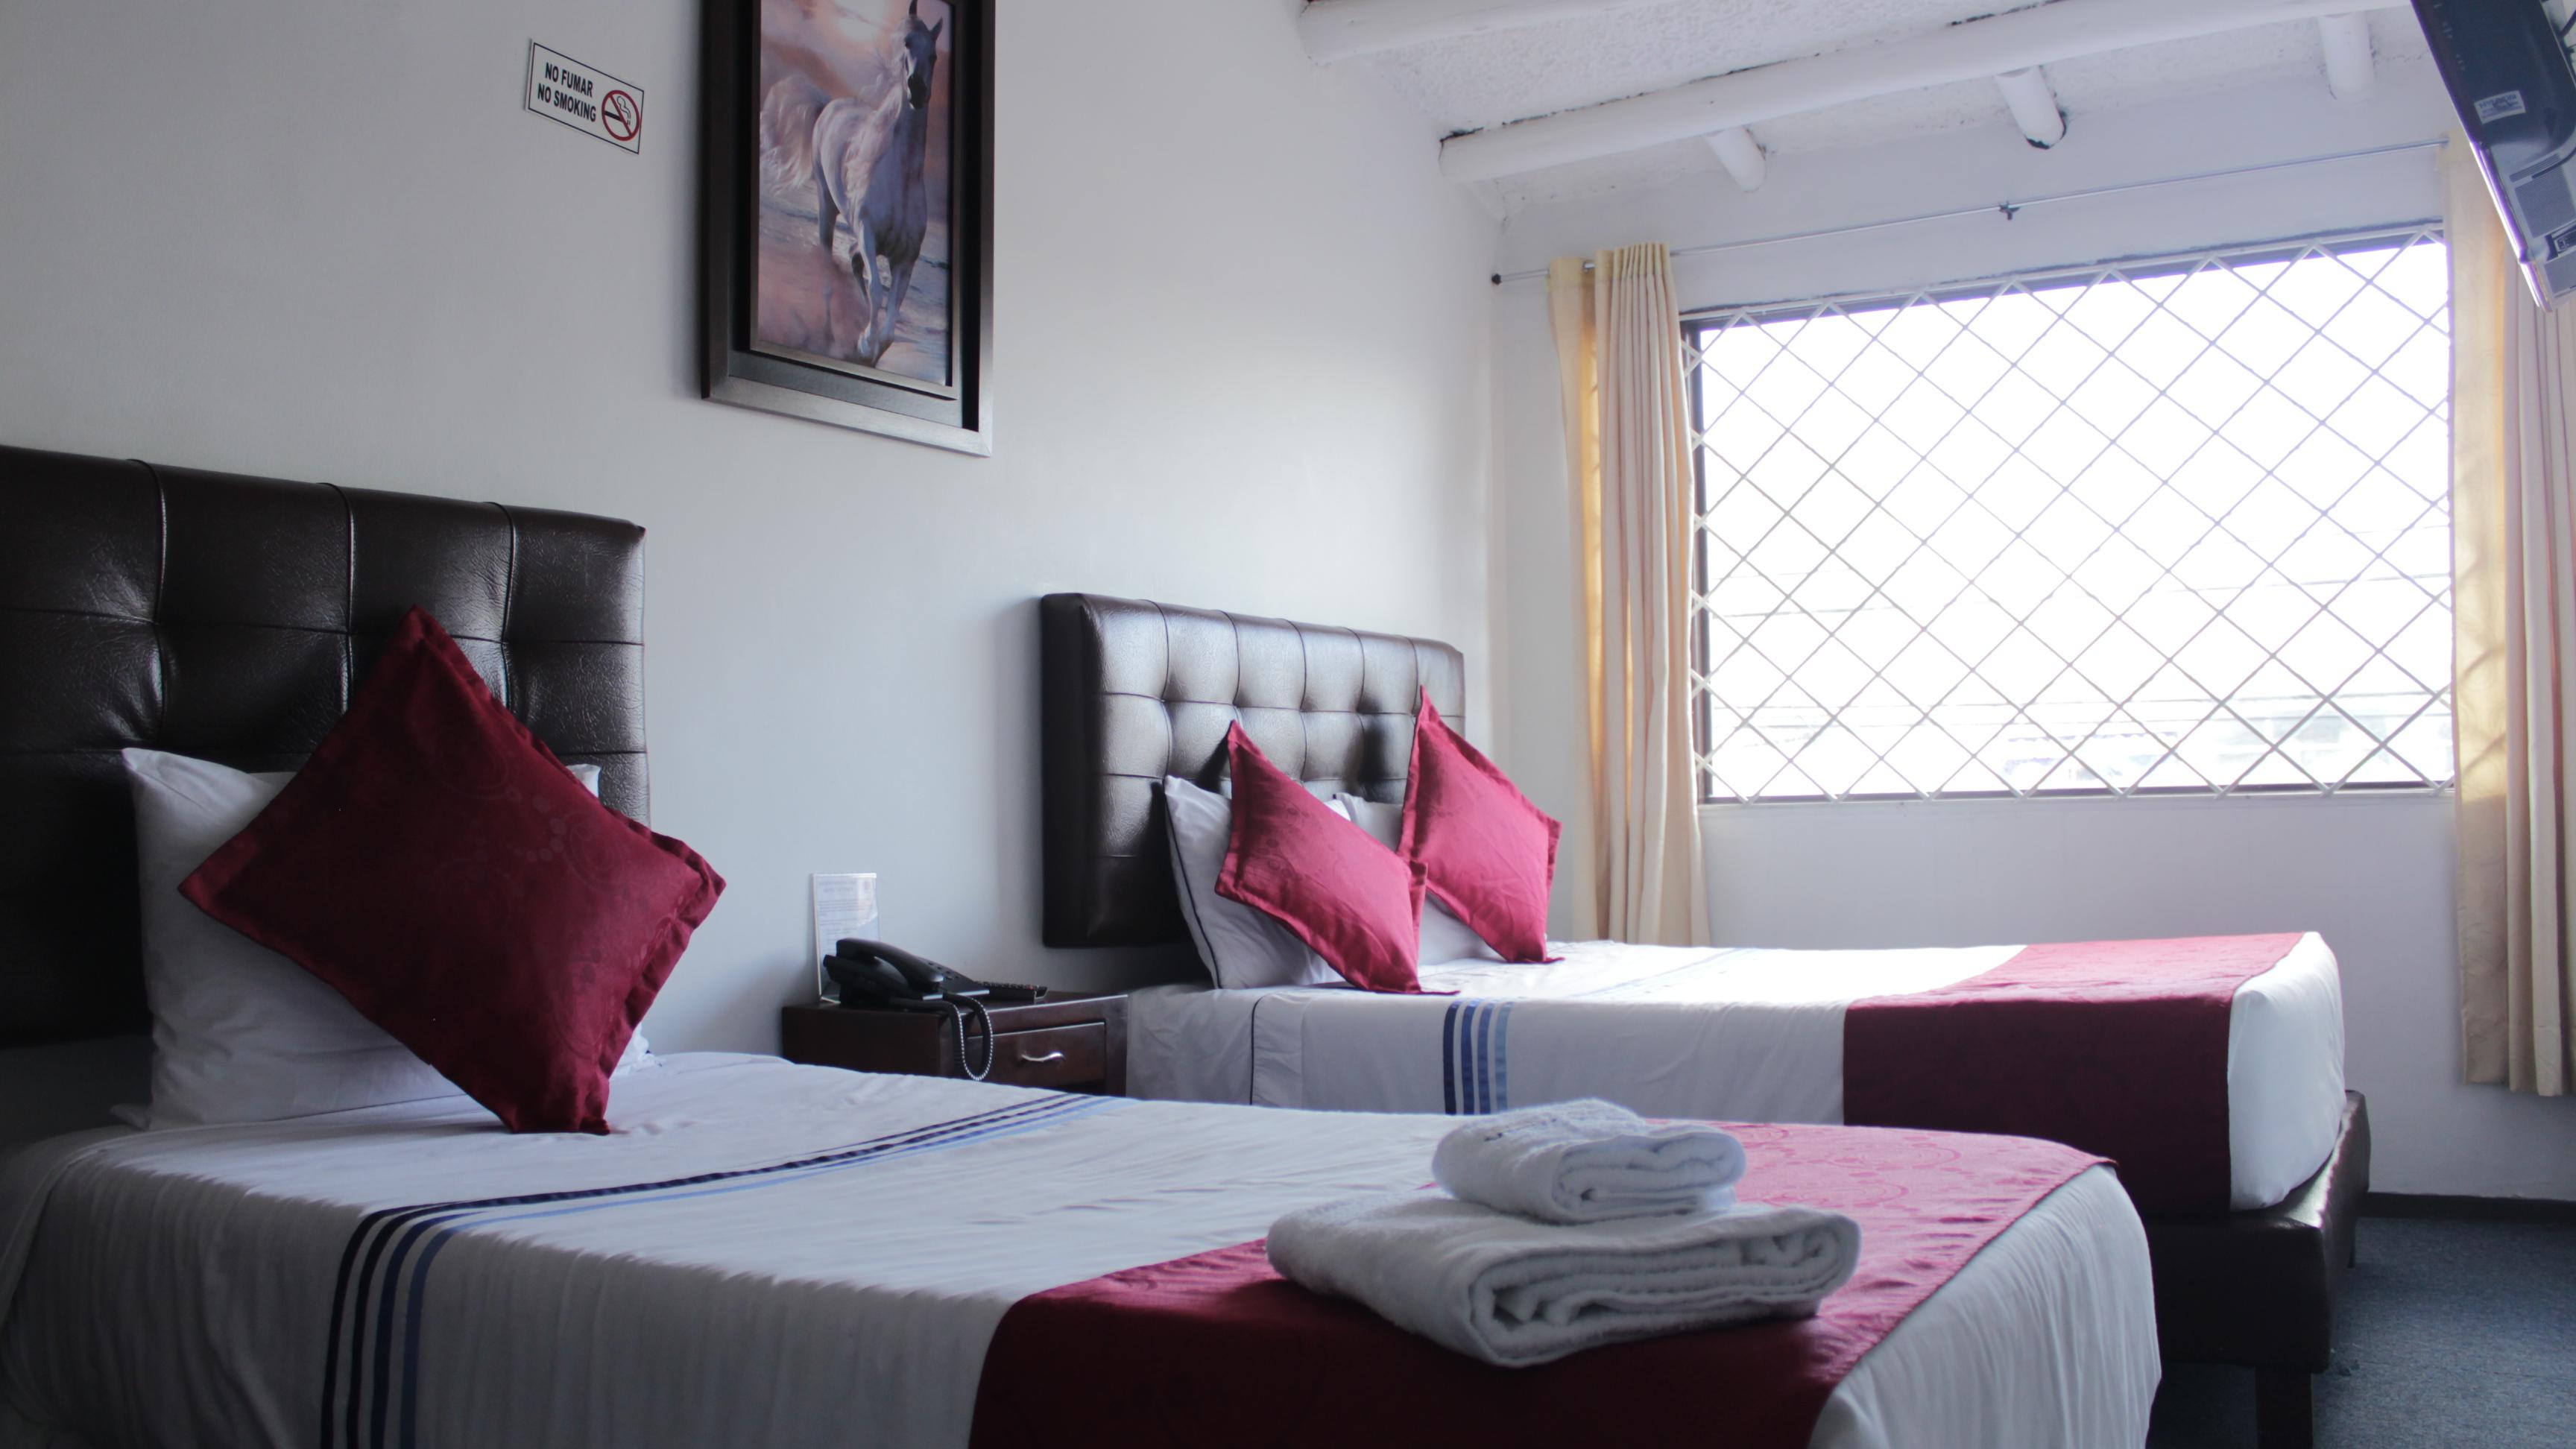 Casa hotel cerca de embajada de honduras transporte gratuito a embajada casa hotel victoria - Hotel casa victoria suites ...